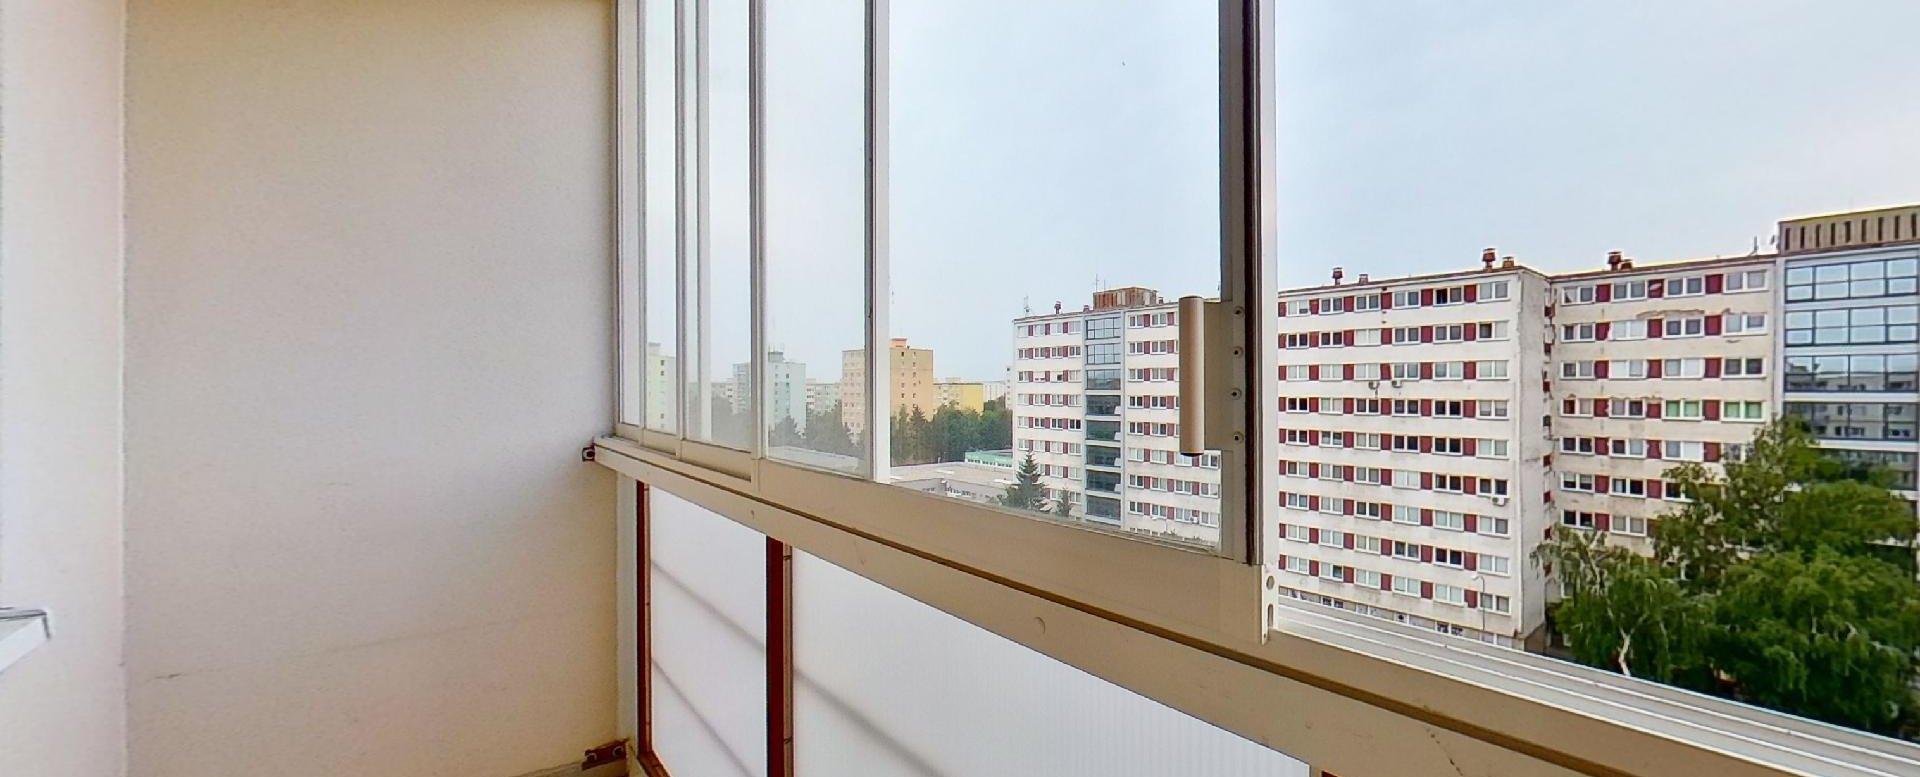 Lodžia 3-izbového bytu v pôdovnom stave na Pražskej ulici v Košiciach